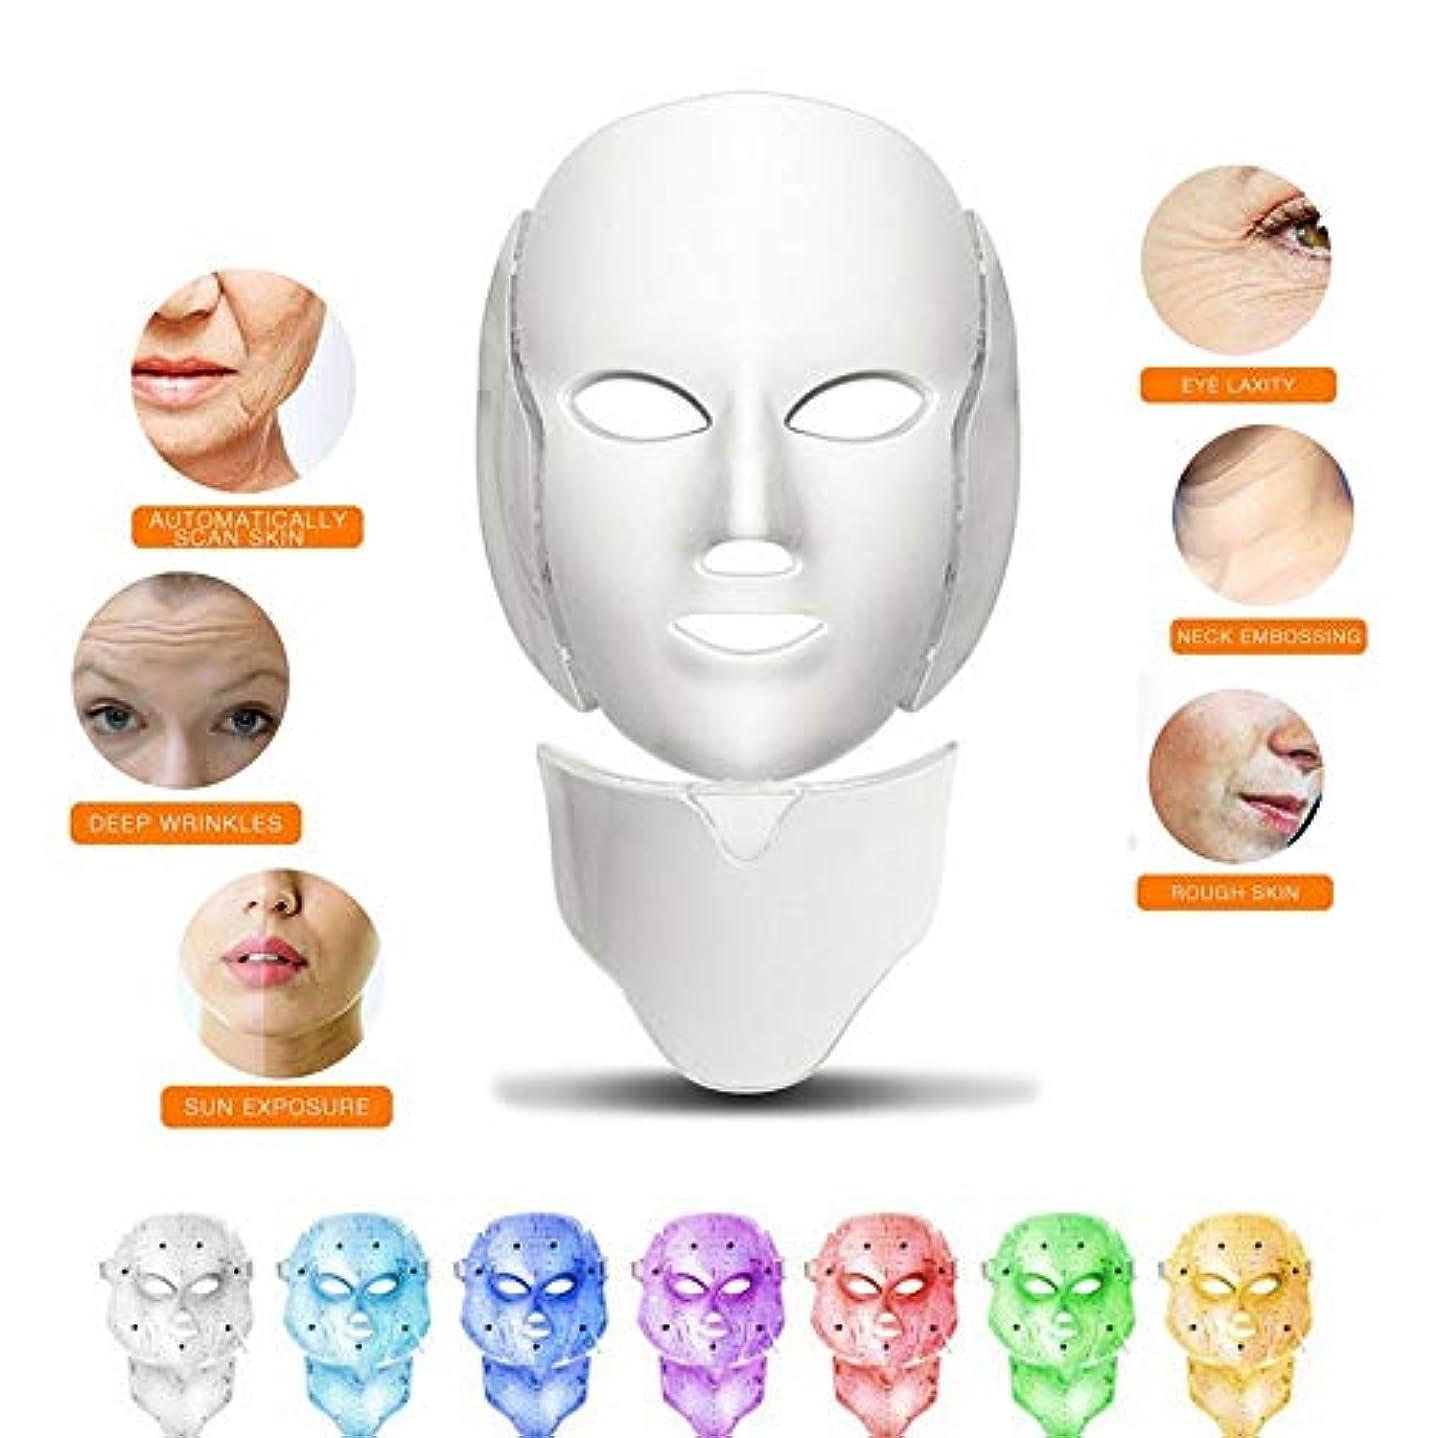 エキス勧める確認する赤色光光子療法機7色ledフェイスマスク+首、肌の若返りしわにきび除去フェイシャルスパ美容機器、ホワイト